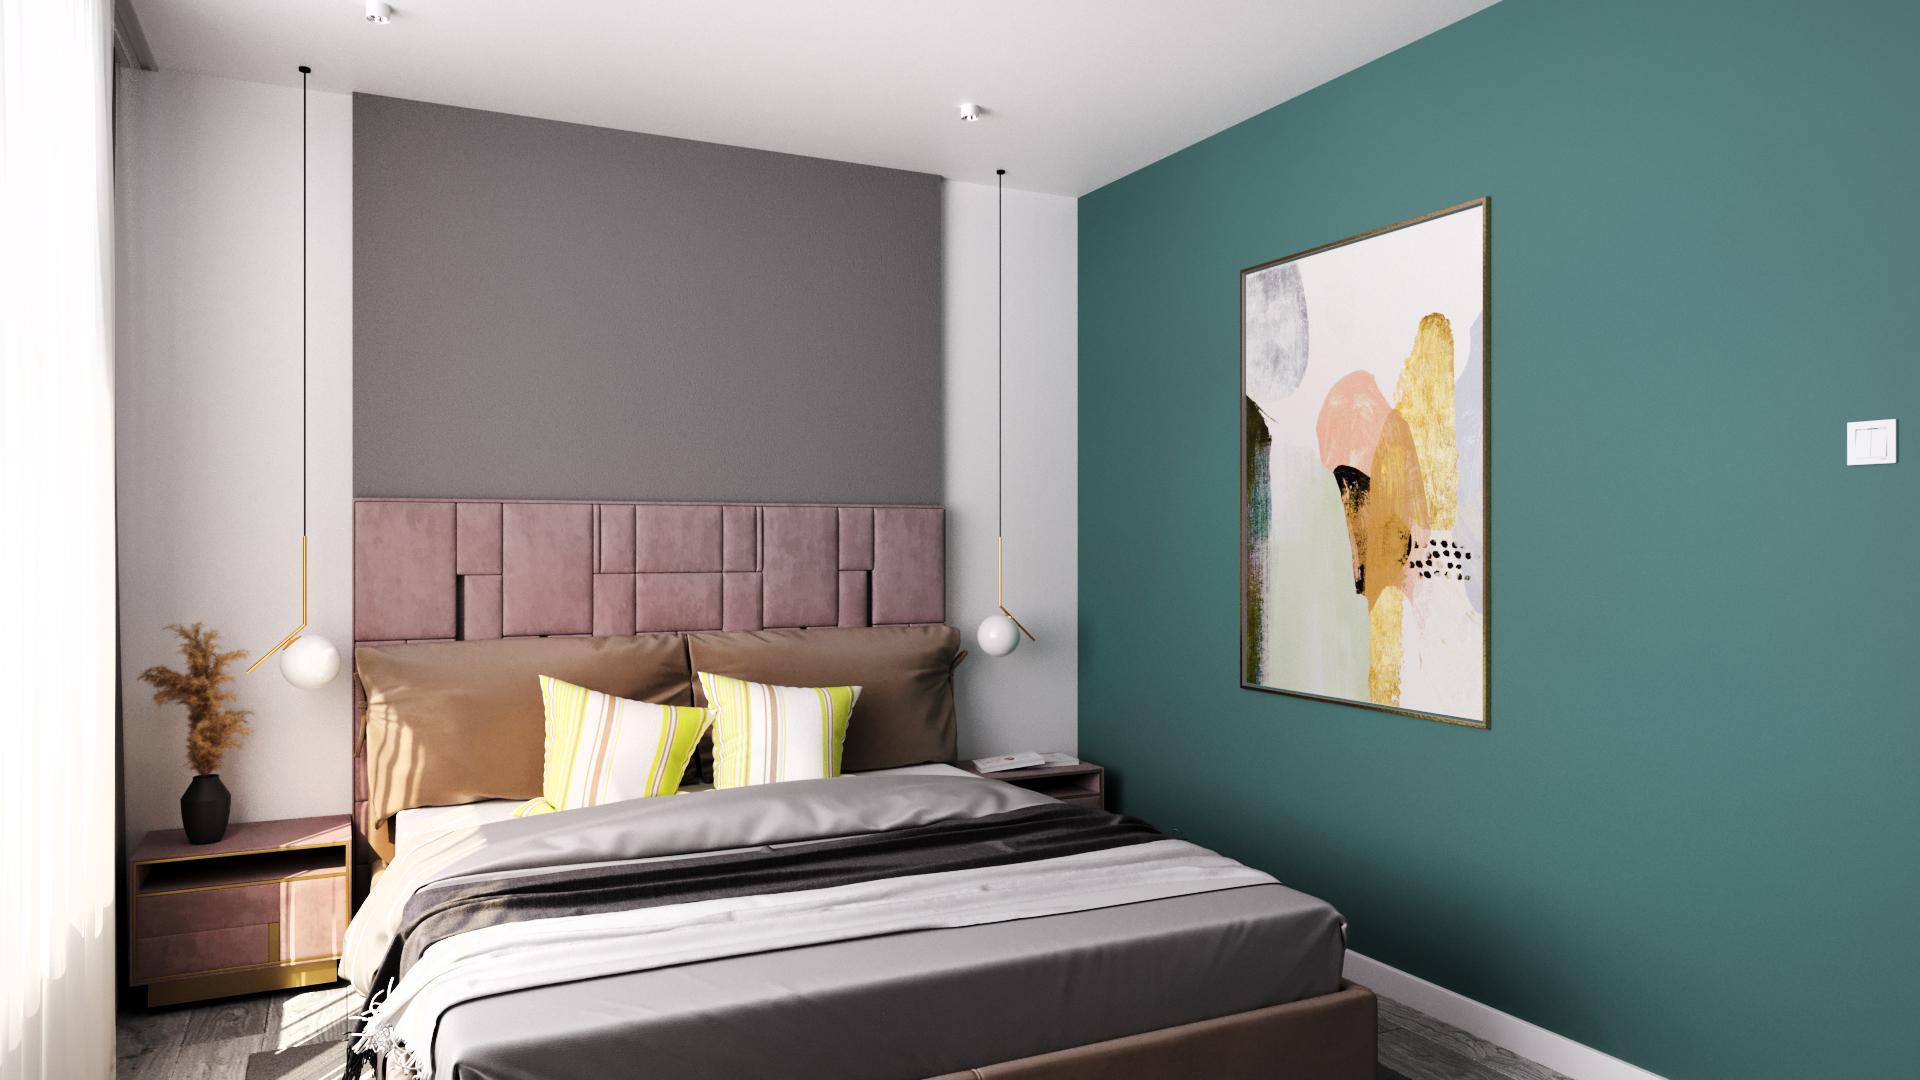 Boreal-Plus Ap 2cam Dormitor 02